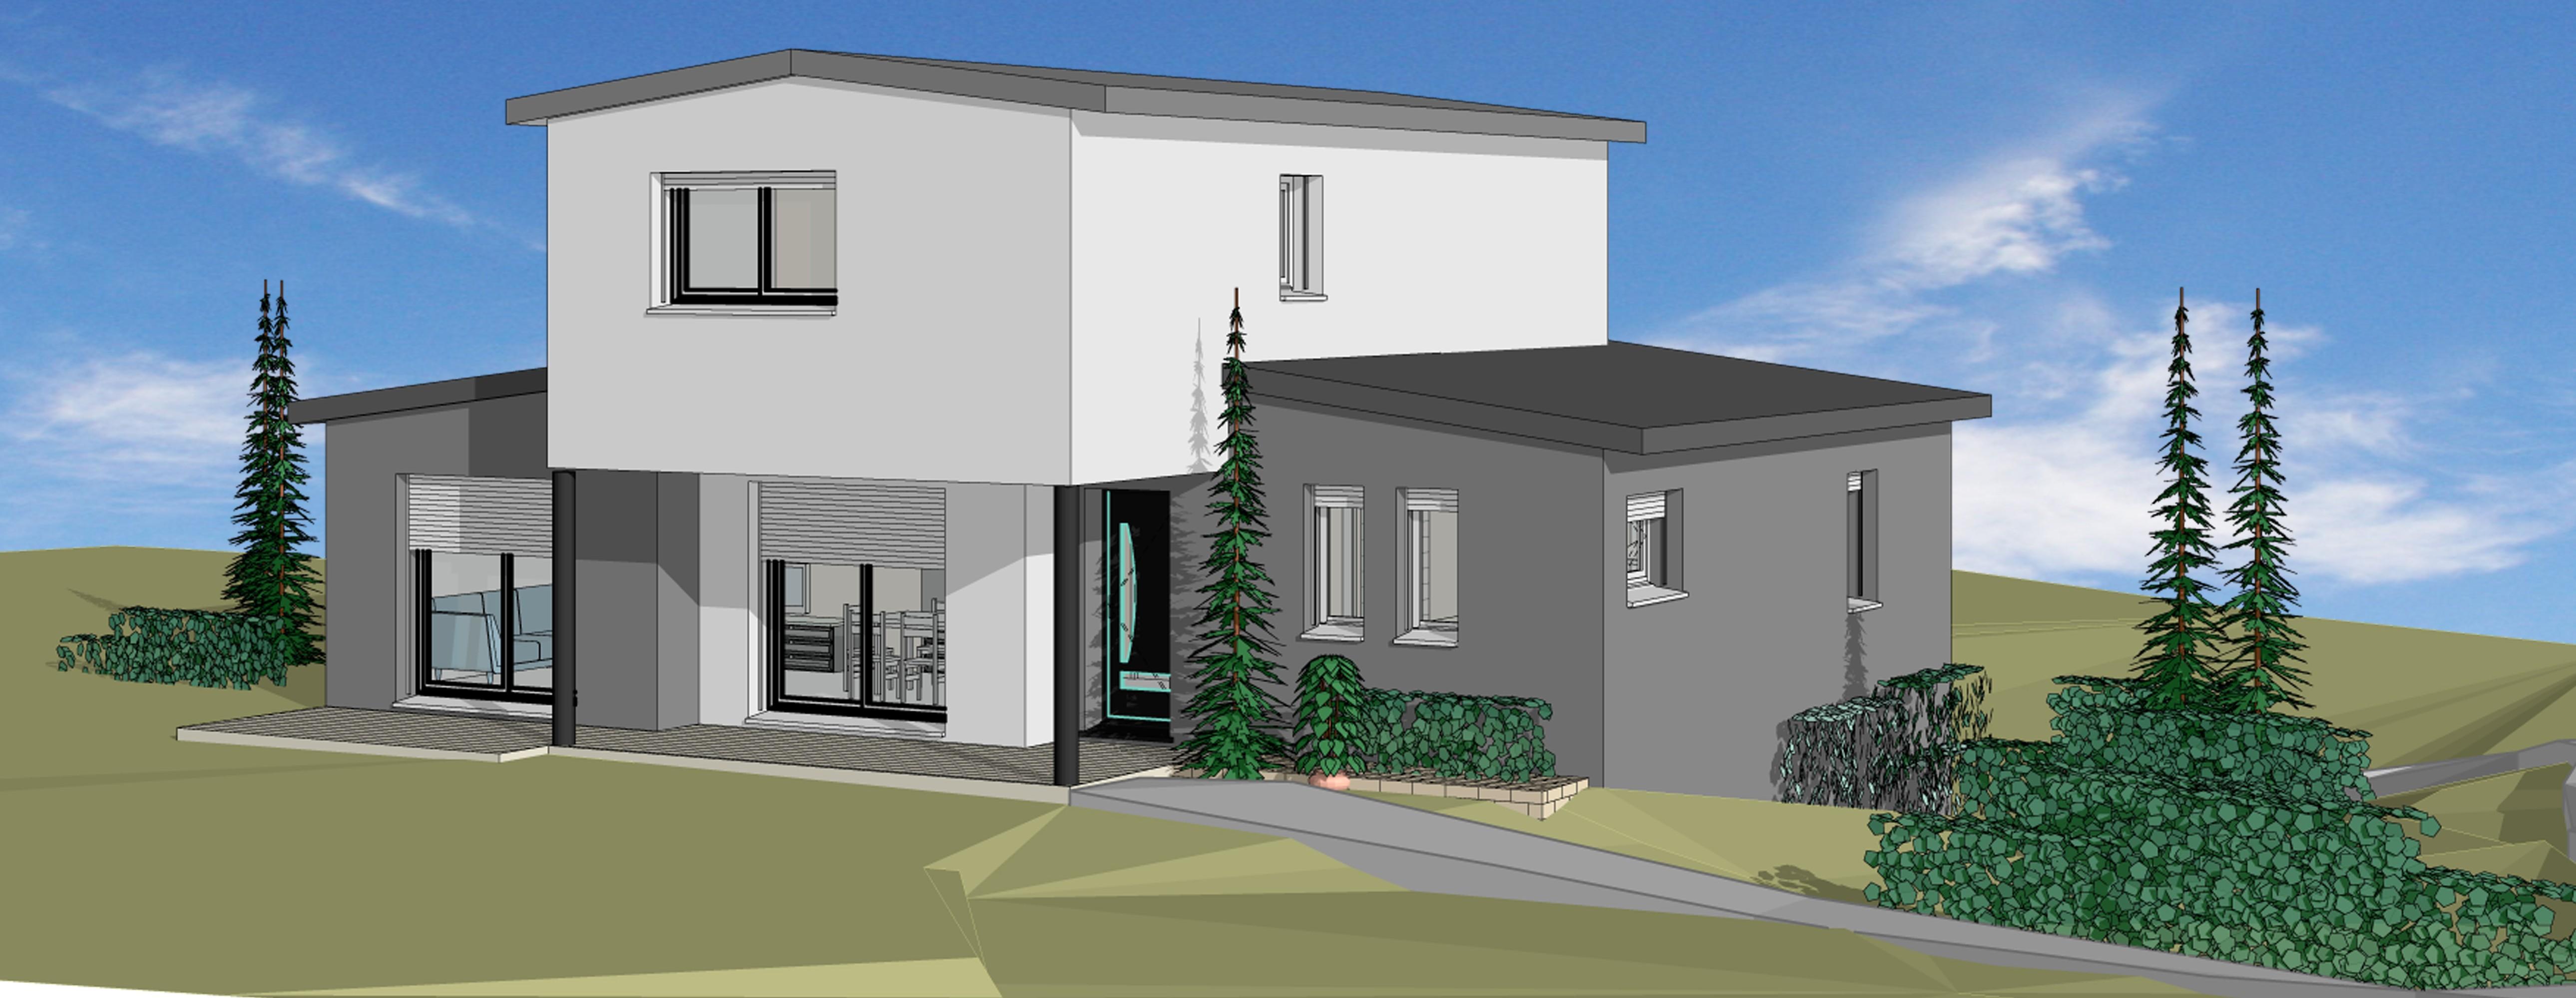 Nos r alisations constructeur de maison individuelle for Constructeur maison individuelle aveyron